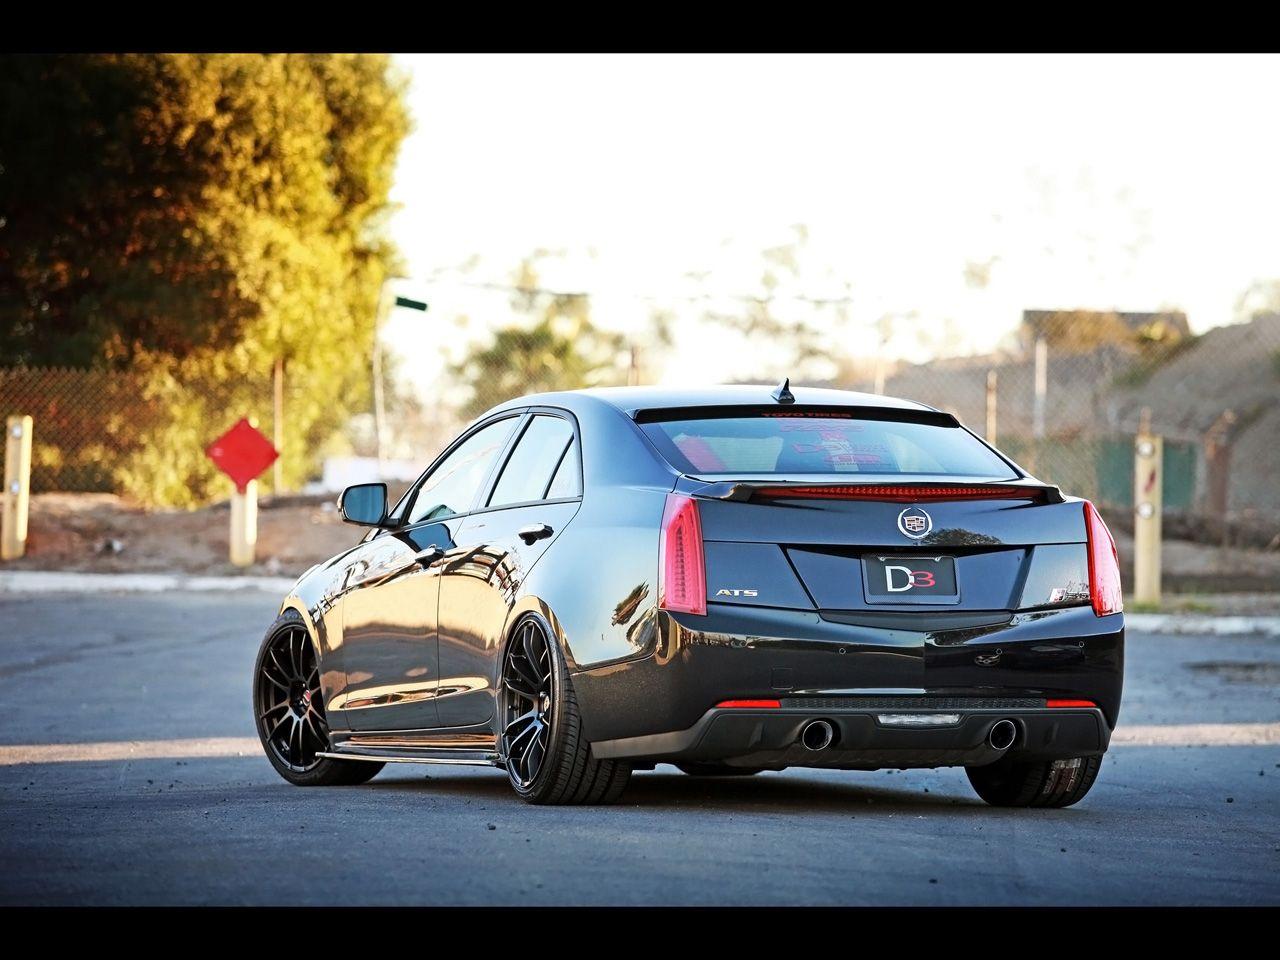 Cadillac ats i want it